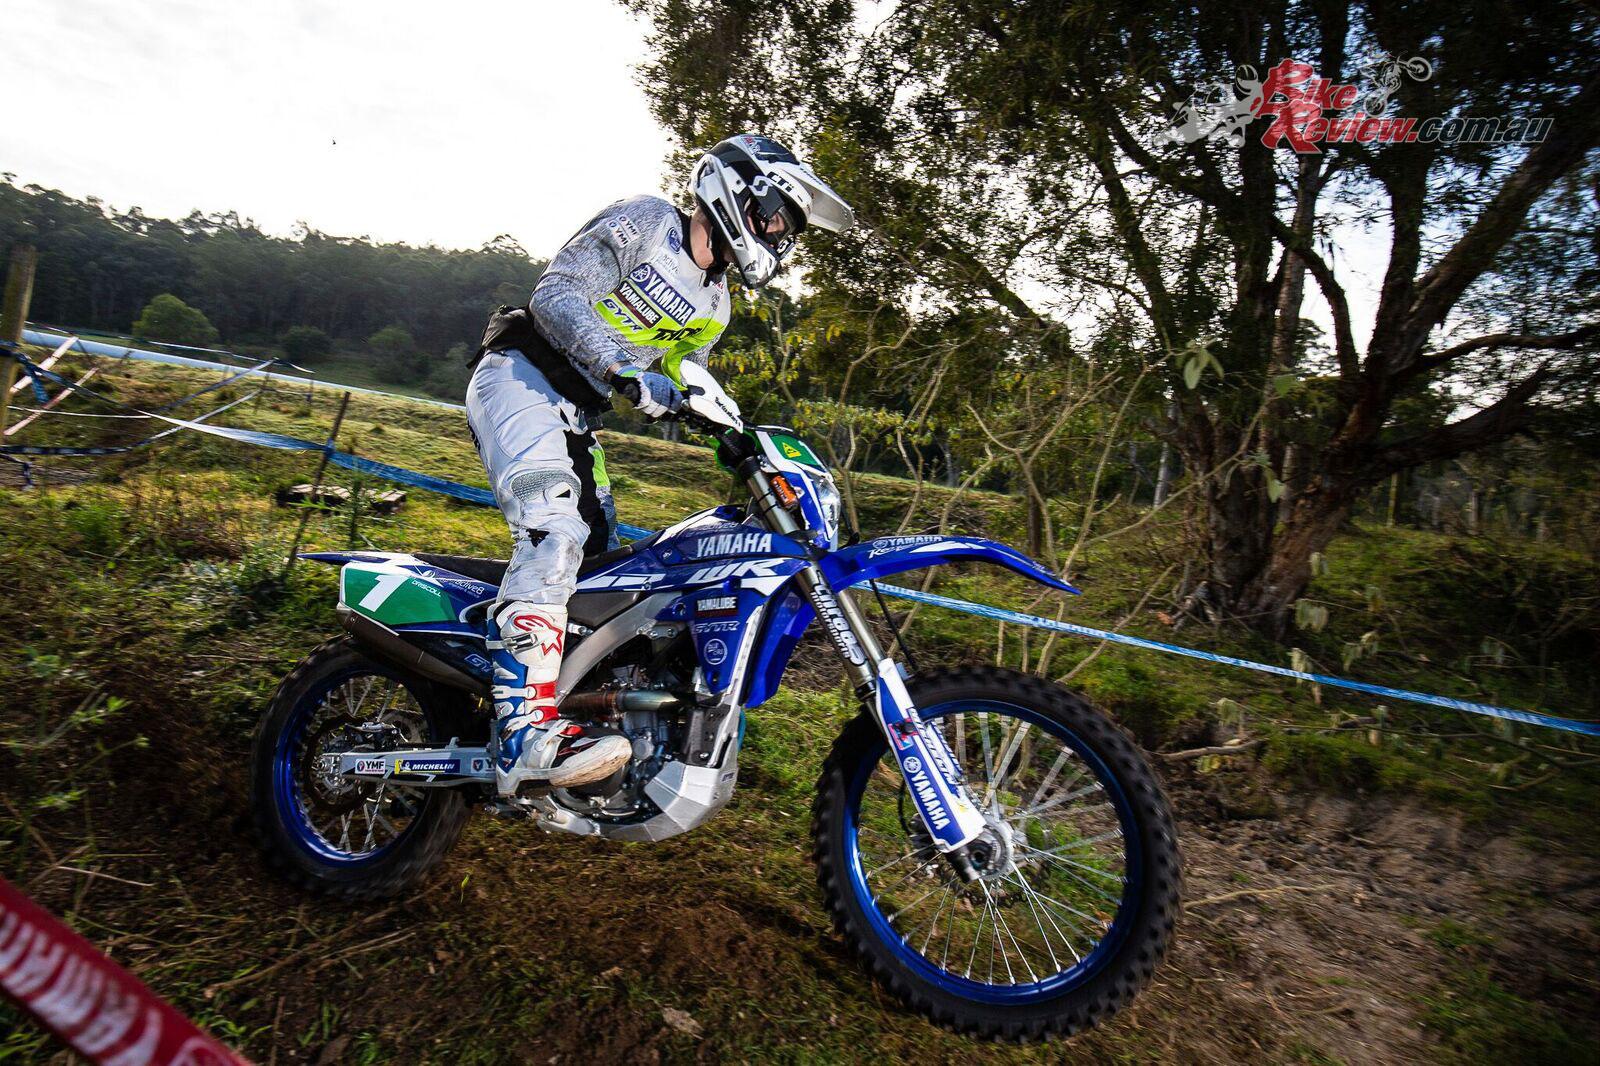 Michael Driscoll - AORC 2018 Round 5